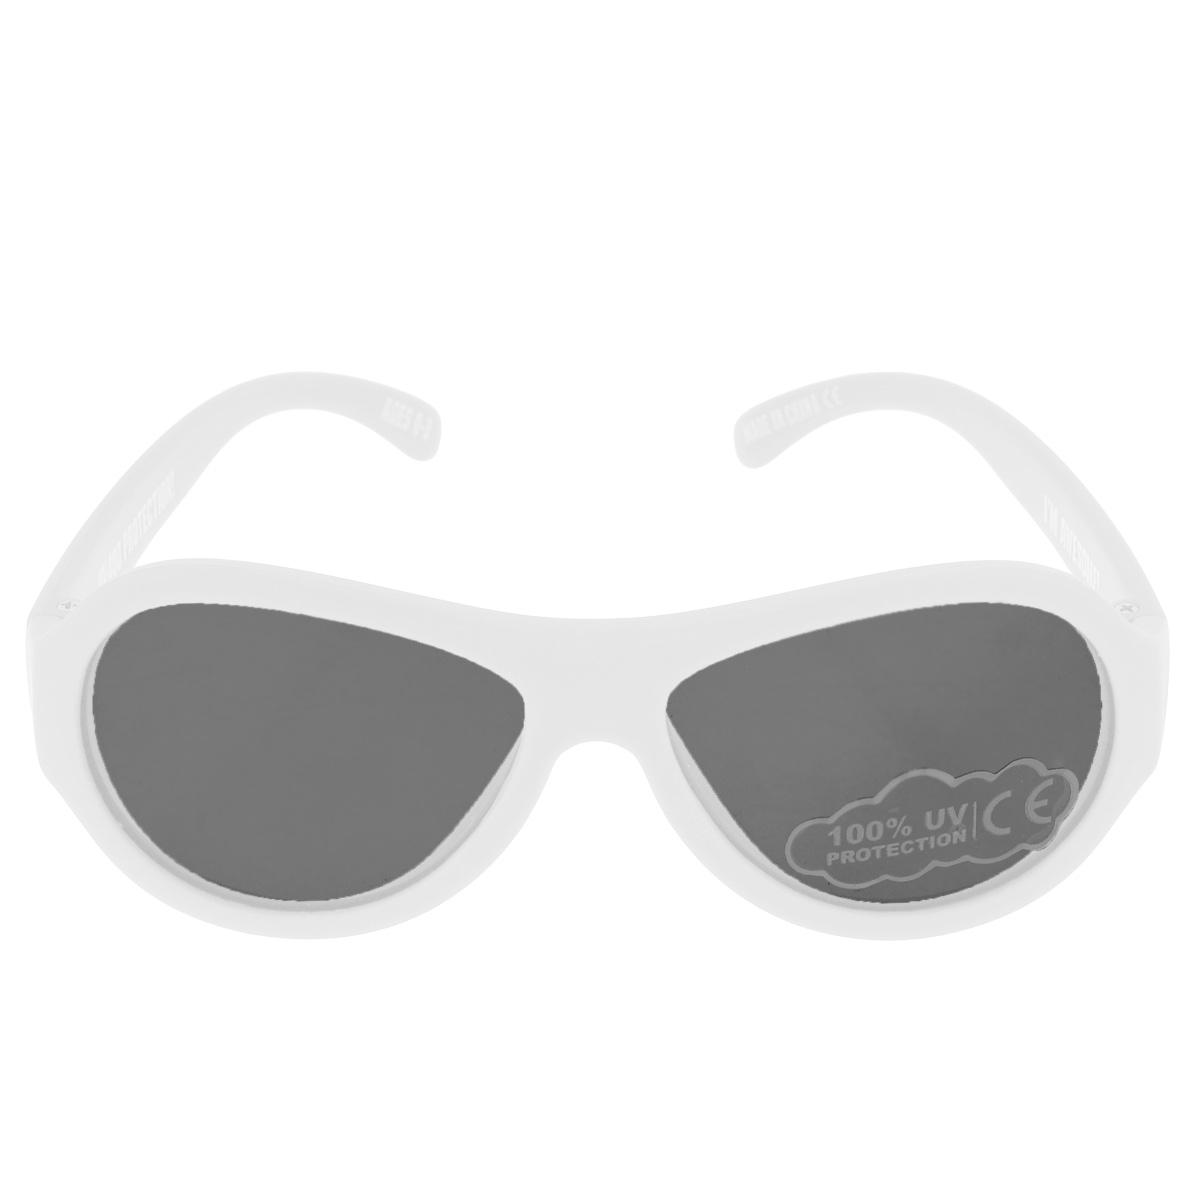 Детские солнцезащитные очки Babiators Шалун (Wicked), цвет: белый, 0-3 летBAB-009Вы делаете все возможное, чтобы ваши дети были здоровы и в безопасности. Шлемы для езды на велосипеде, солнцезащитный крем для прогулок на солнце... Но как насчёт влияния солнца на глаза вашего ребёнка? Правда в том, что сетчатка глаза у детей развивается вместе с самим ребёнком. Это означает, что глаза малышей не могут отфильтровать УФ-излучение. Проблема понятна - детям нужна настоящая защита, чтобы глазки были в безопасности, а зрение сильным. Каждая пара солнцезащитных очков Babiators для детей обеспечивает 100% защиту от UVA и UVB. Прочные линзы высшего качества не подведут в самых сложных переделках. В отличие от обычных пластиковых очков, оправа Babiators выполнена из гибкого прорезиненного материала, что делает их ударопрочными, их можно сгибать и крутить - они не сломаются и вернутся в прежнюю форму. Не бойтесь, что ребёнок сядет на них - они всё выдержат. Будьте уверены, что очки Babiators созданы безопасными, прочными и классными, так что вы и ваш ребенок можете...